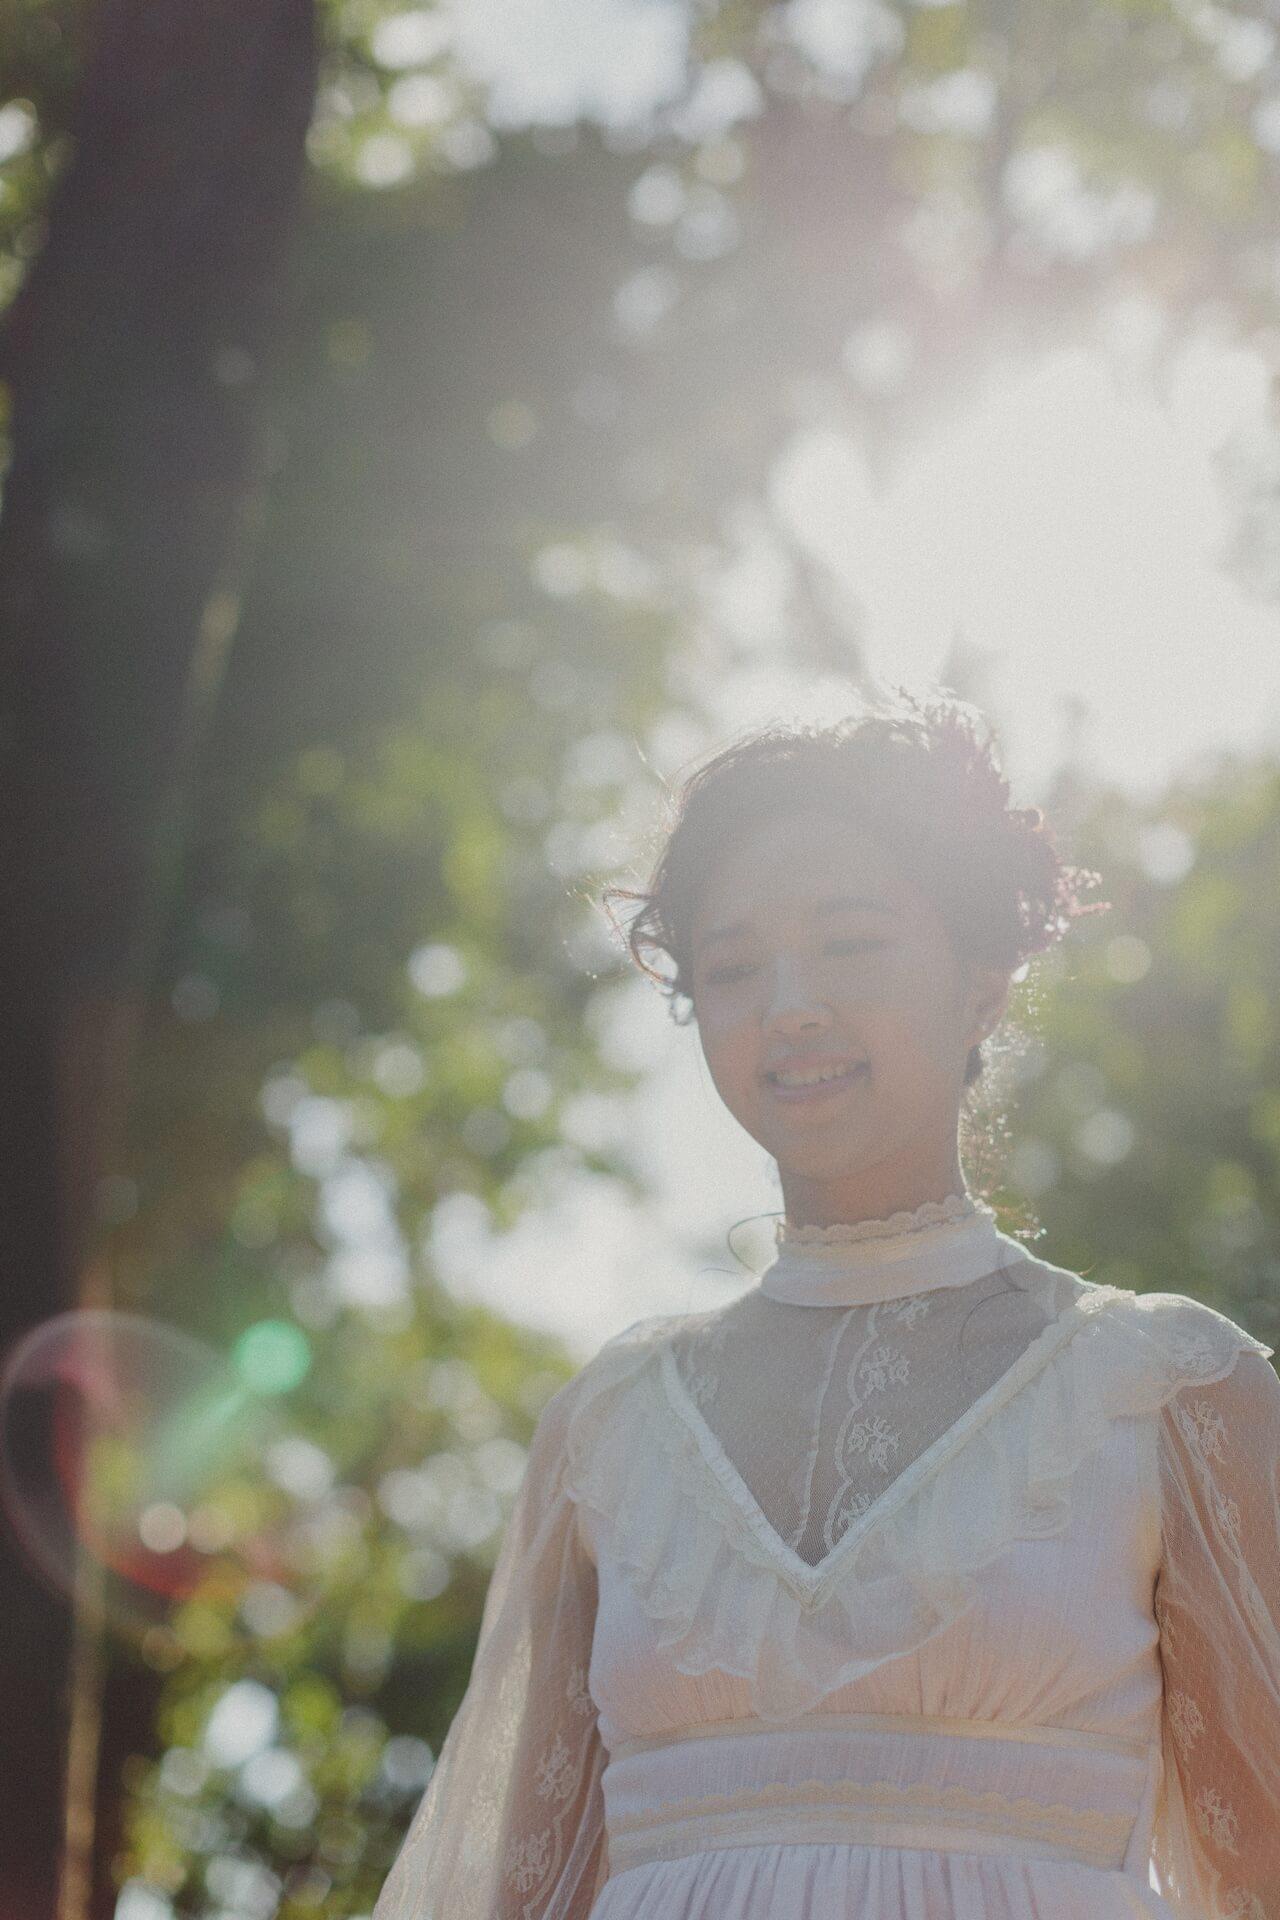 max fine art  攝影工作室 最佳婚禮紀錄推薦 海外婚禮推薦 底片風格 戶外婚禮推薦 台北婚攝 婚攝推薦 推薦婚攝 - 0011 (複製).jpg